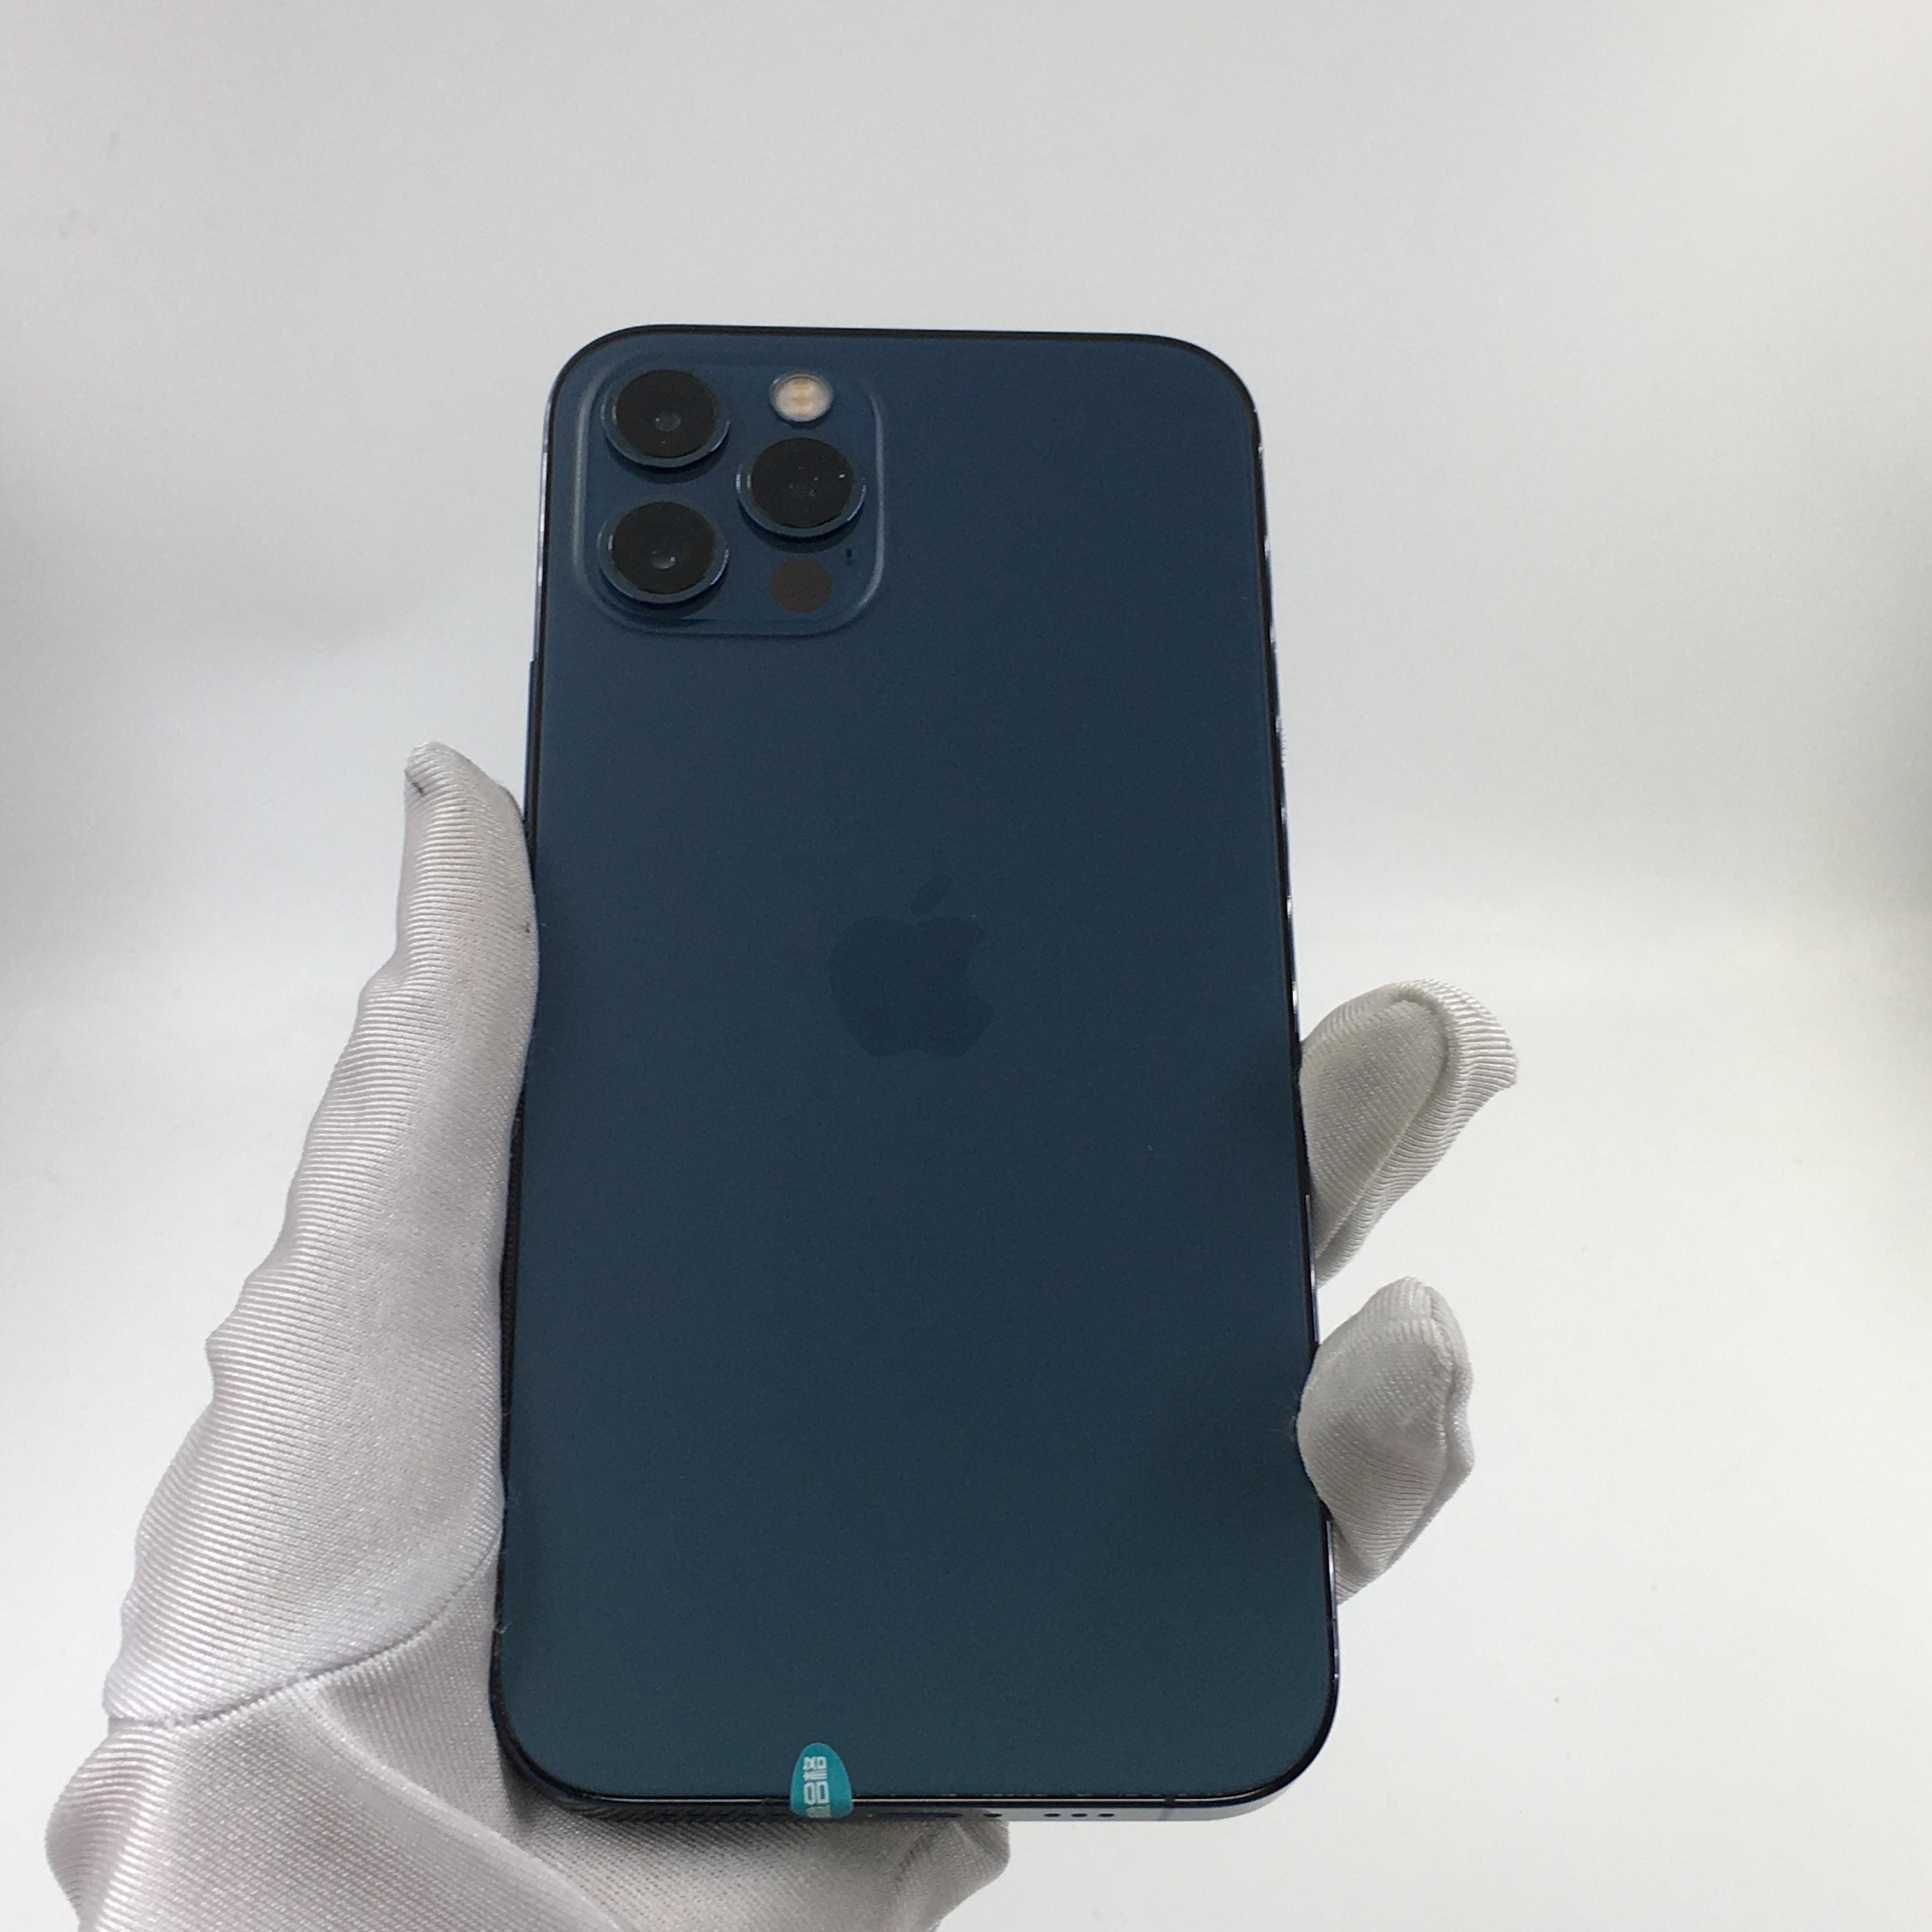 苹果【iPhone 12 Pro】5G全网通 海蓝色 128G 国行 99新 128G真机实拍